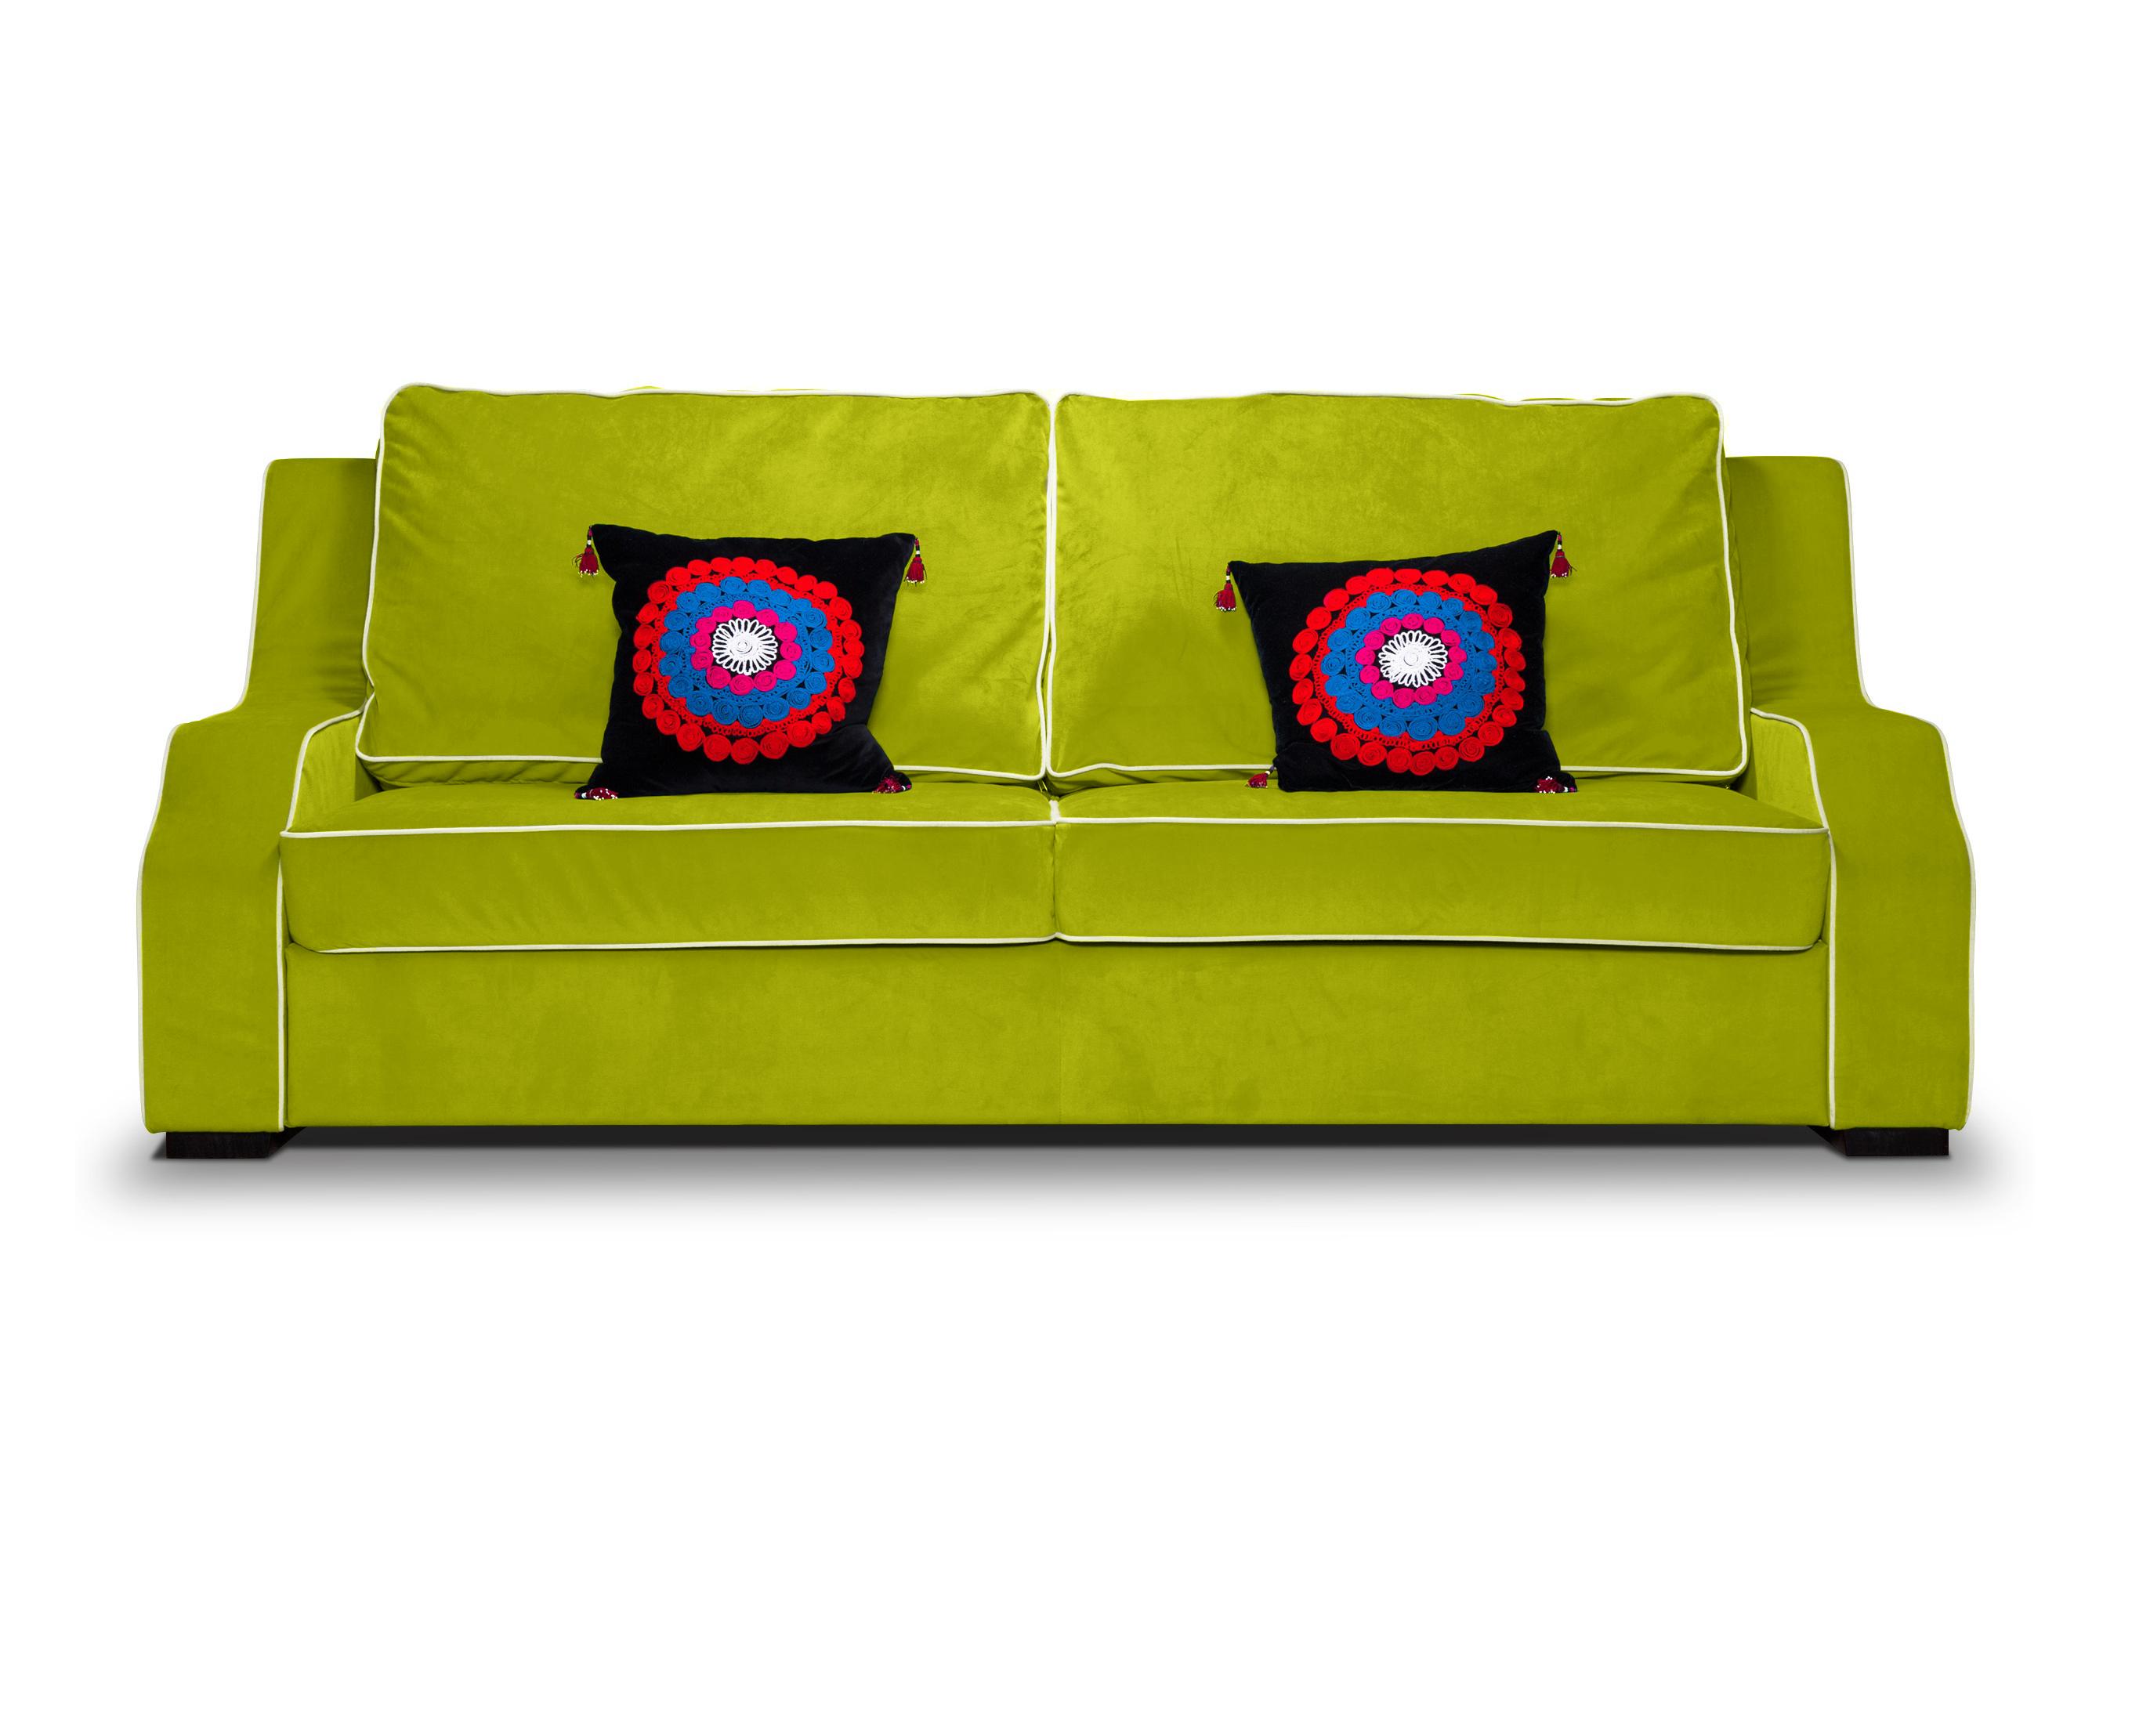 """Диван ШервудПрямые раскладные диваны<br>&amp;lt;div&amp;gt;Лаконичные и музыкальные формы этого очень мягкого дивана безупречно просты и подтверждают хороший вкус владельца. Диван Шервуд спроектирован так, чтобы можно было отодвинуть от стены и создать ощущение простора.&amp;amp;nbsp;&amp;lt;/div&amp;gt;&amp;lt;div&amp;gt;&amp;lt;br&amp;gt;&amp;lt;/div&amp;gt;&amp;lt;div&amp;gt;Материал обивки мягкие эластичные ткани (на фото Velvet Lux (Союз-М))&amp;lt;/div&amp;gt;&amp;lt;div&amp;gt;Механизм дельфин для ежедневного сна.&amp;lt;/div&amp;gt;&amp;lt;div&amp;gt;Наполнение: разработка технологов нашей фабрики и представляет собой композицию из резинотканных ремней в основании сидения, дающих наивысшую эластичность и микс из трех разных по плотности и эластичности видов пенополиуретана без фреоновых примесей, дополнительно зафиксированных металлической """"змейкой"""" для безупречной службы на многие года. Изумительную мягкость при сидении, придает Hollgone, обволакивающий весь внутренний каркас.&amp;amp;nbsp;&amp;lt;/div&amp;gt;&amp;lt;div&amp;gt;Материал каркаса брус, ДСП, фанера.&amp;lt;/div&amp;gt;&amp;lt;div&amp;gt;&amp;lt;br&amp;gt;&amp;lt;/div&amp;gt;&amp;lt;div&amp;gt;Особенность модели: высокие приспинные подушки для правильной посадки и поддержки шейной зоны в положении релакс&amp;amp;nbsp;&amp;lt;/div&amp;gt;&amp;lt;div&amp;gt;Опция: выбор цвета канта для периметра дивана в момент оформления заказа.&amp;amp;nbsp;&amp;lt;/div&amp;gt;&amp;lt;div&amp;gt;&amp;lt;br&amp;gt;&amp;lt;/div&amp;gt;&amp;lt;div&amp;gt;Изделие можно заказать в любой ткани, стоимость и срок изготовления уточняйте у менеджера.&amp;lt;/div&amp;gt;<br><br>Material: Текстиль<br>Width см: 223<br>Depth см: 97<br>Height см: 97"""